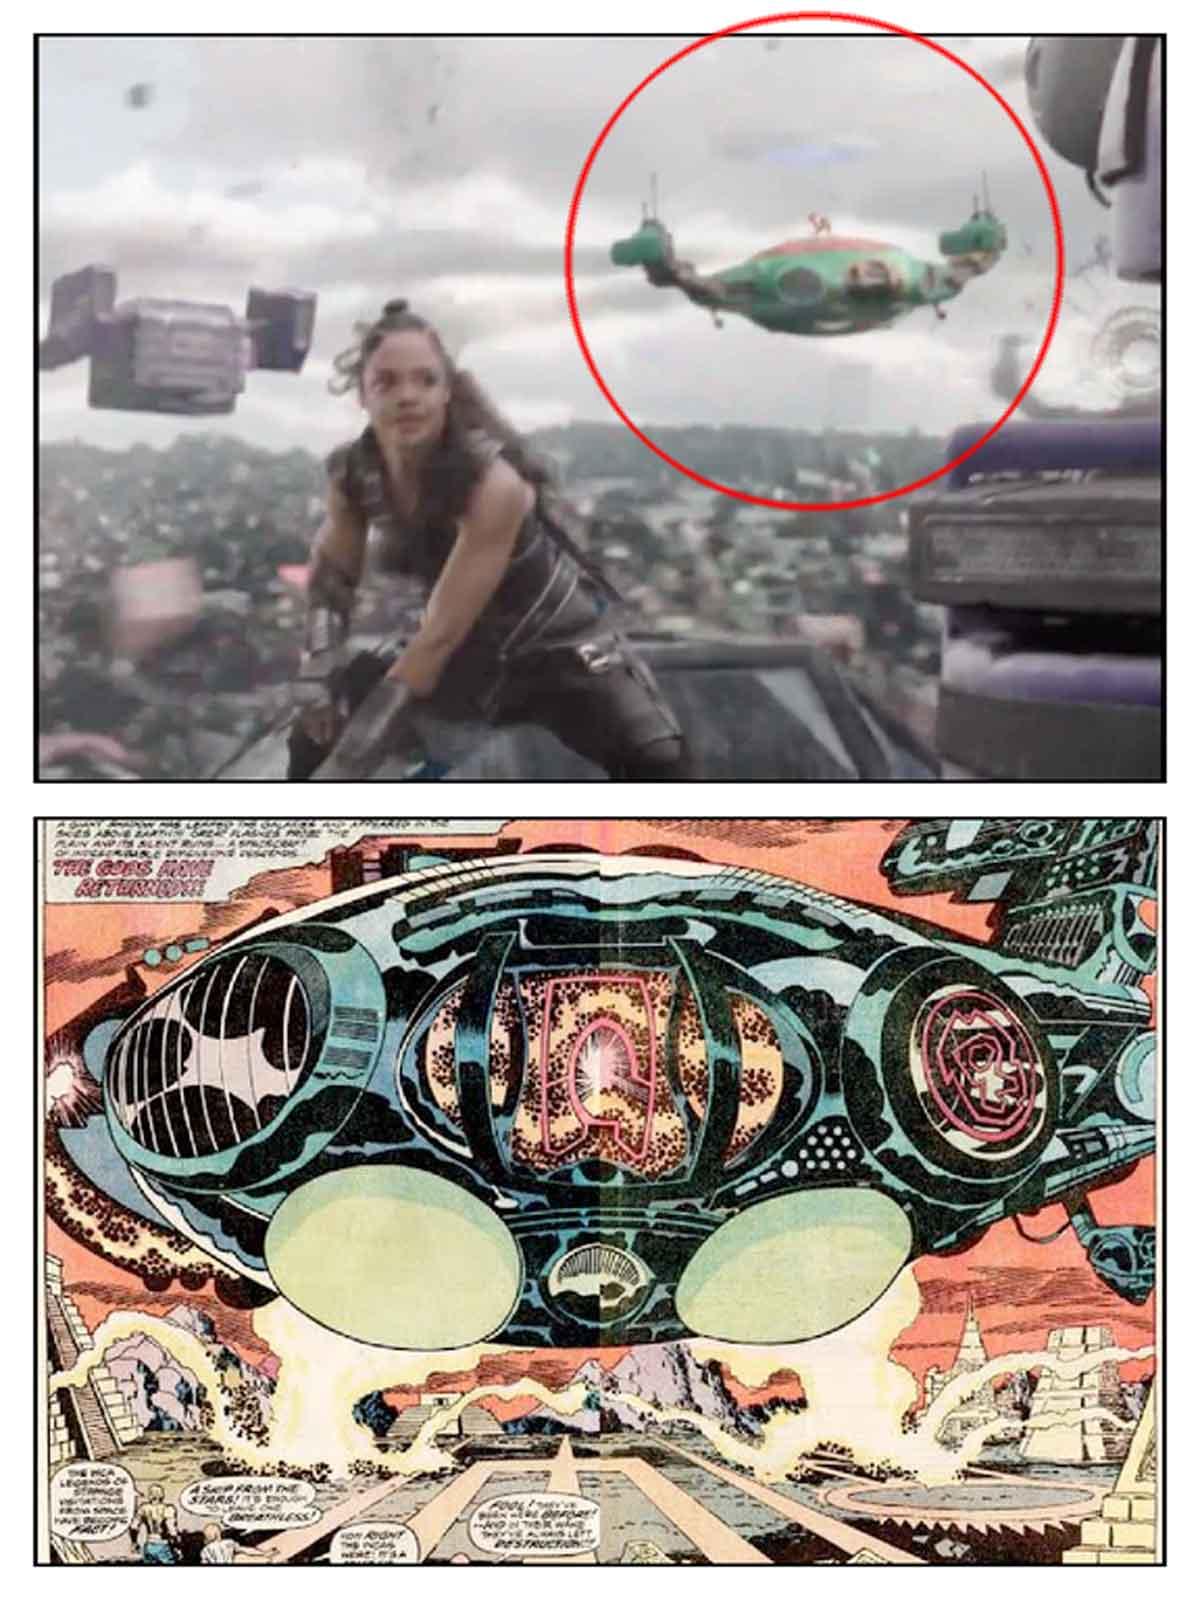 Thor: Ragnarok (2017) tiene una referencia a la película de Marvel Los Eternos (2020)